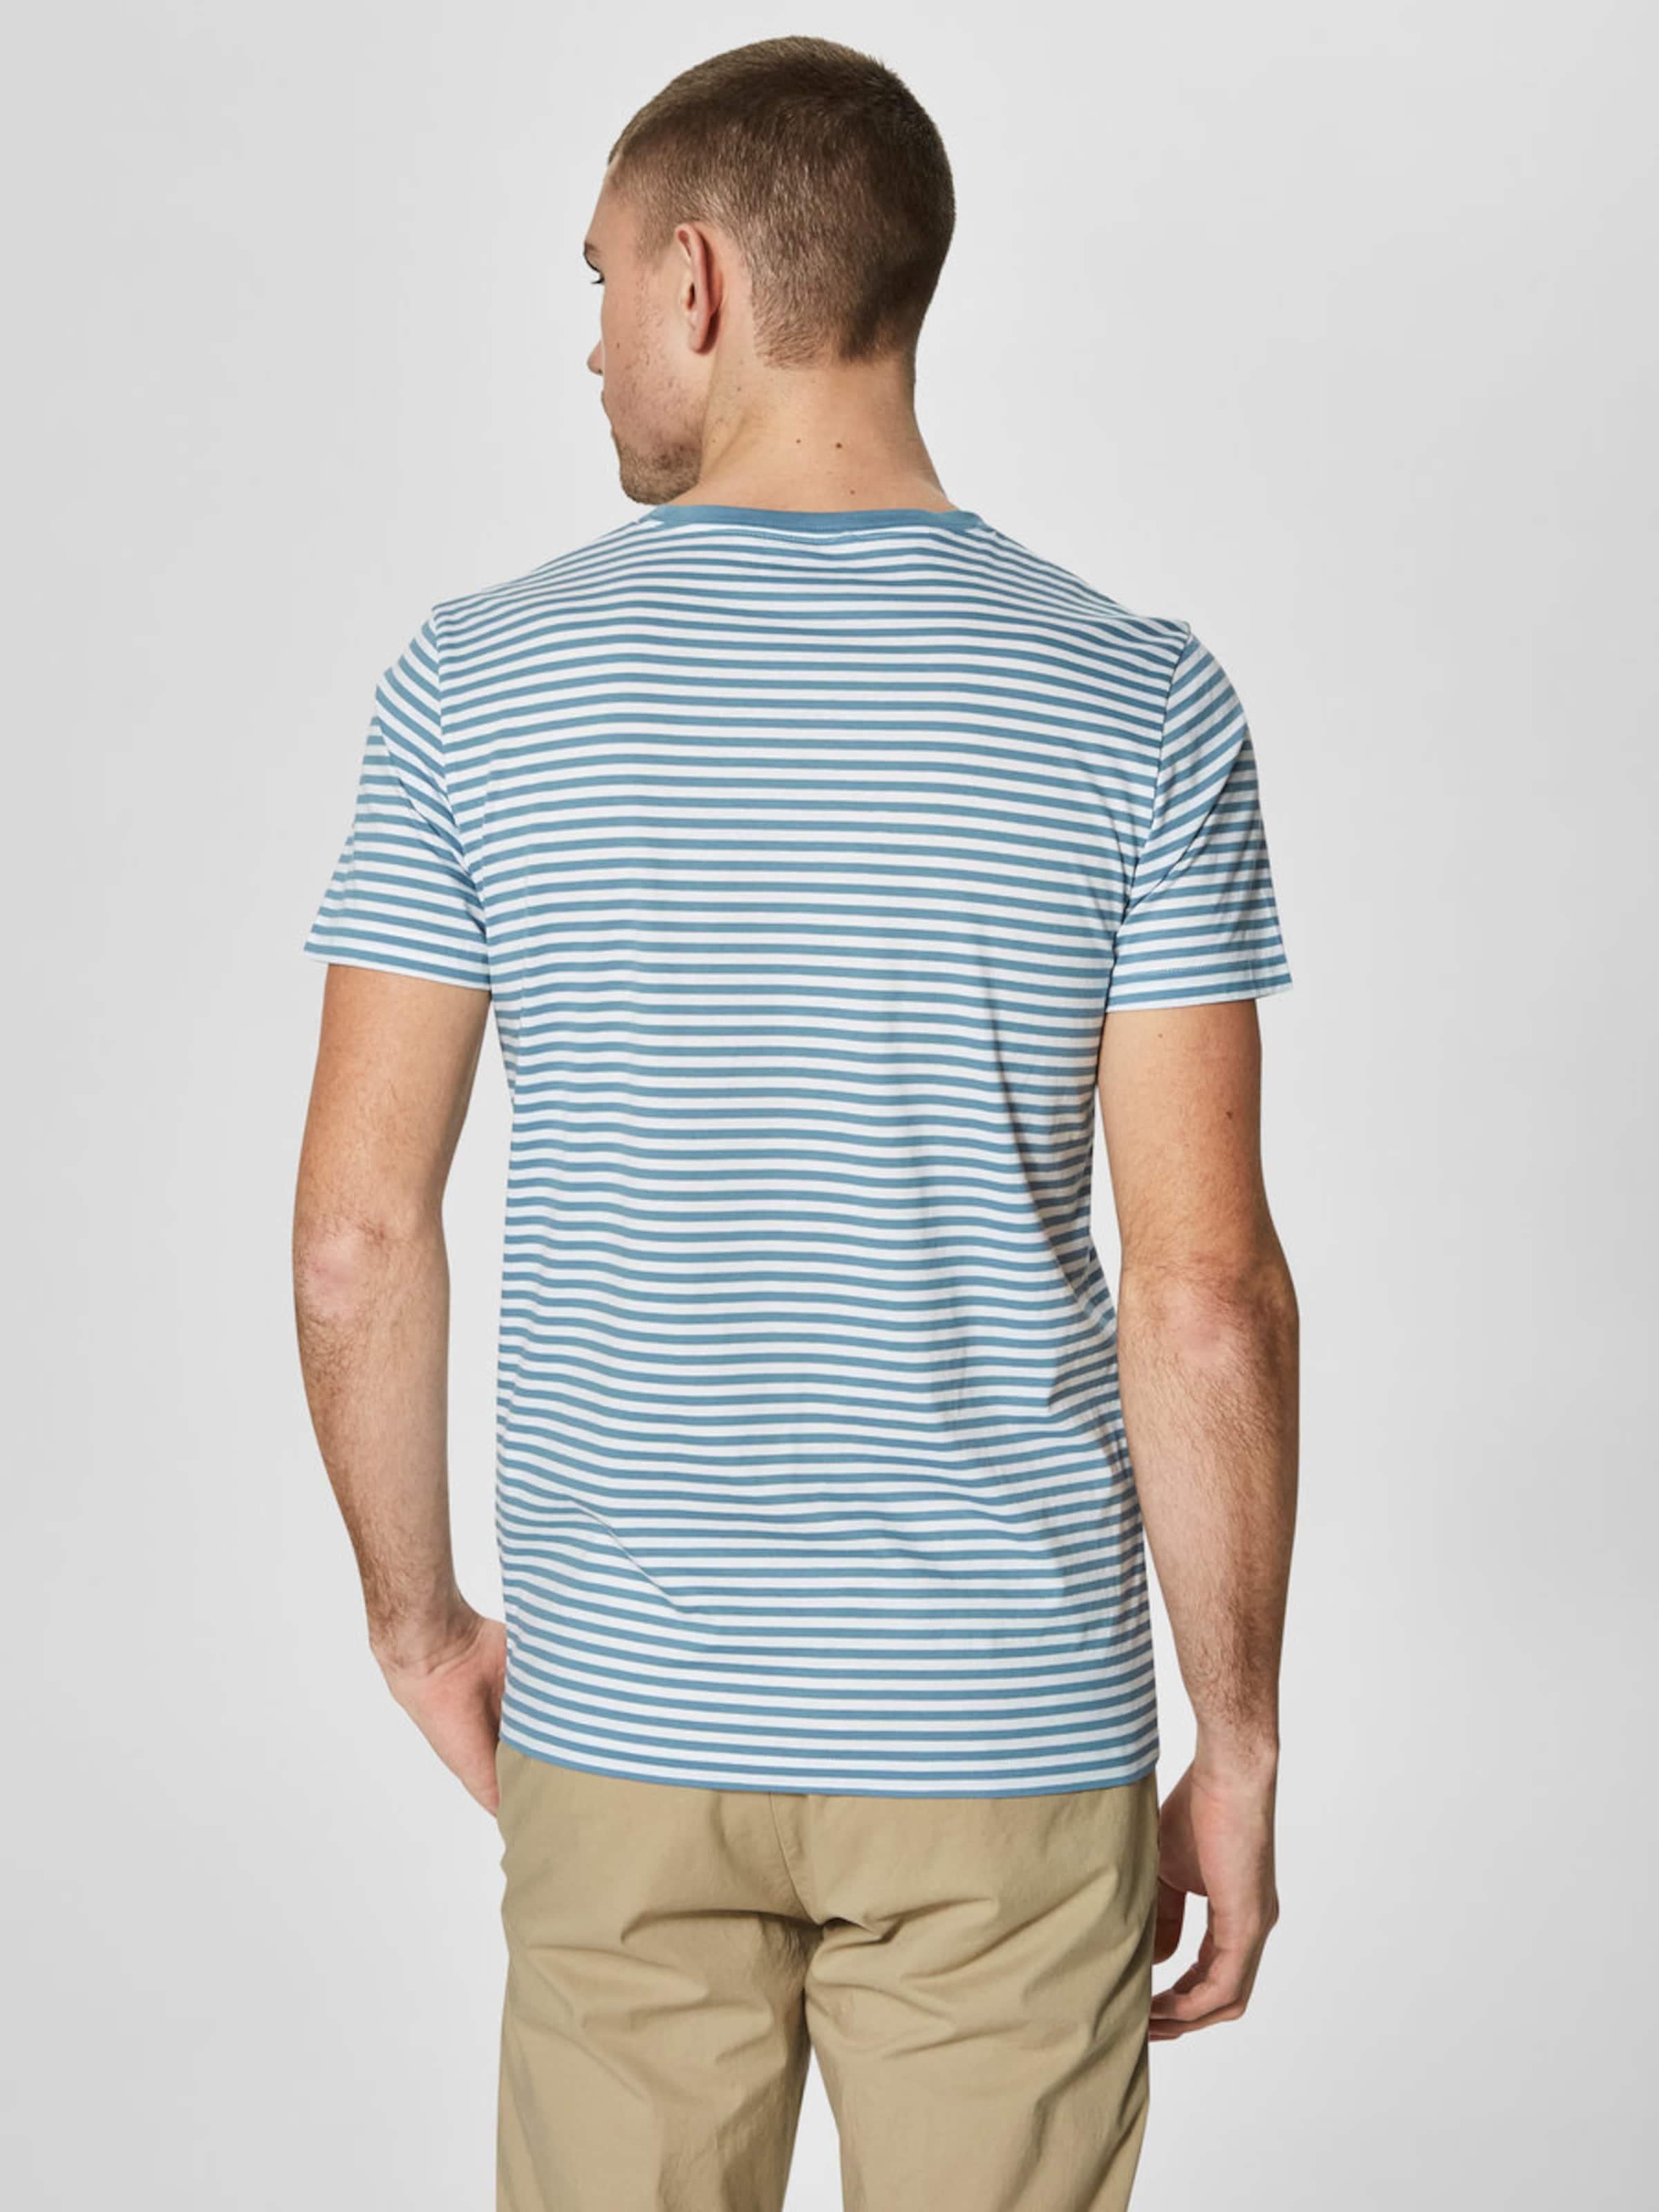 SELECTED HOMME Gestreiftes T-Shirt Günstig Kaufen Großen Verkauf Begrenzt Ja Wirklich PioqfGrxF